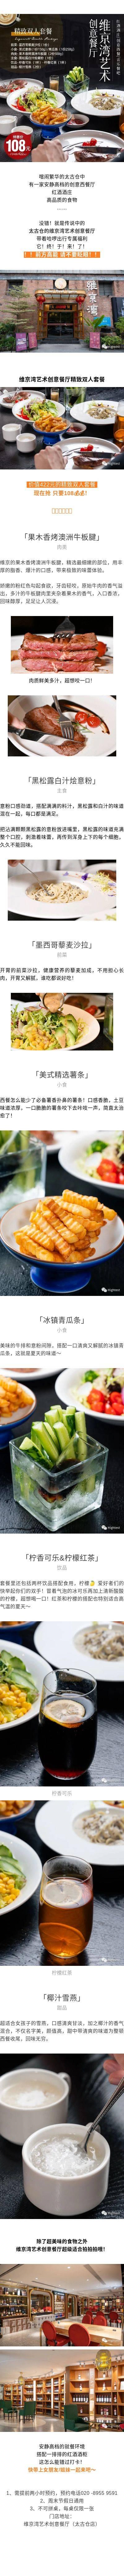 【太古仓|维京湾】108元抢精致双人套餐,高档豪华西餐